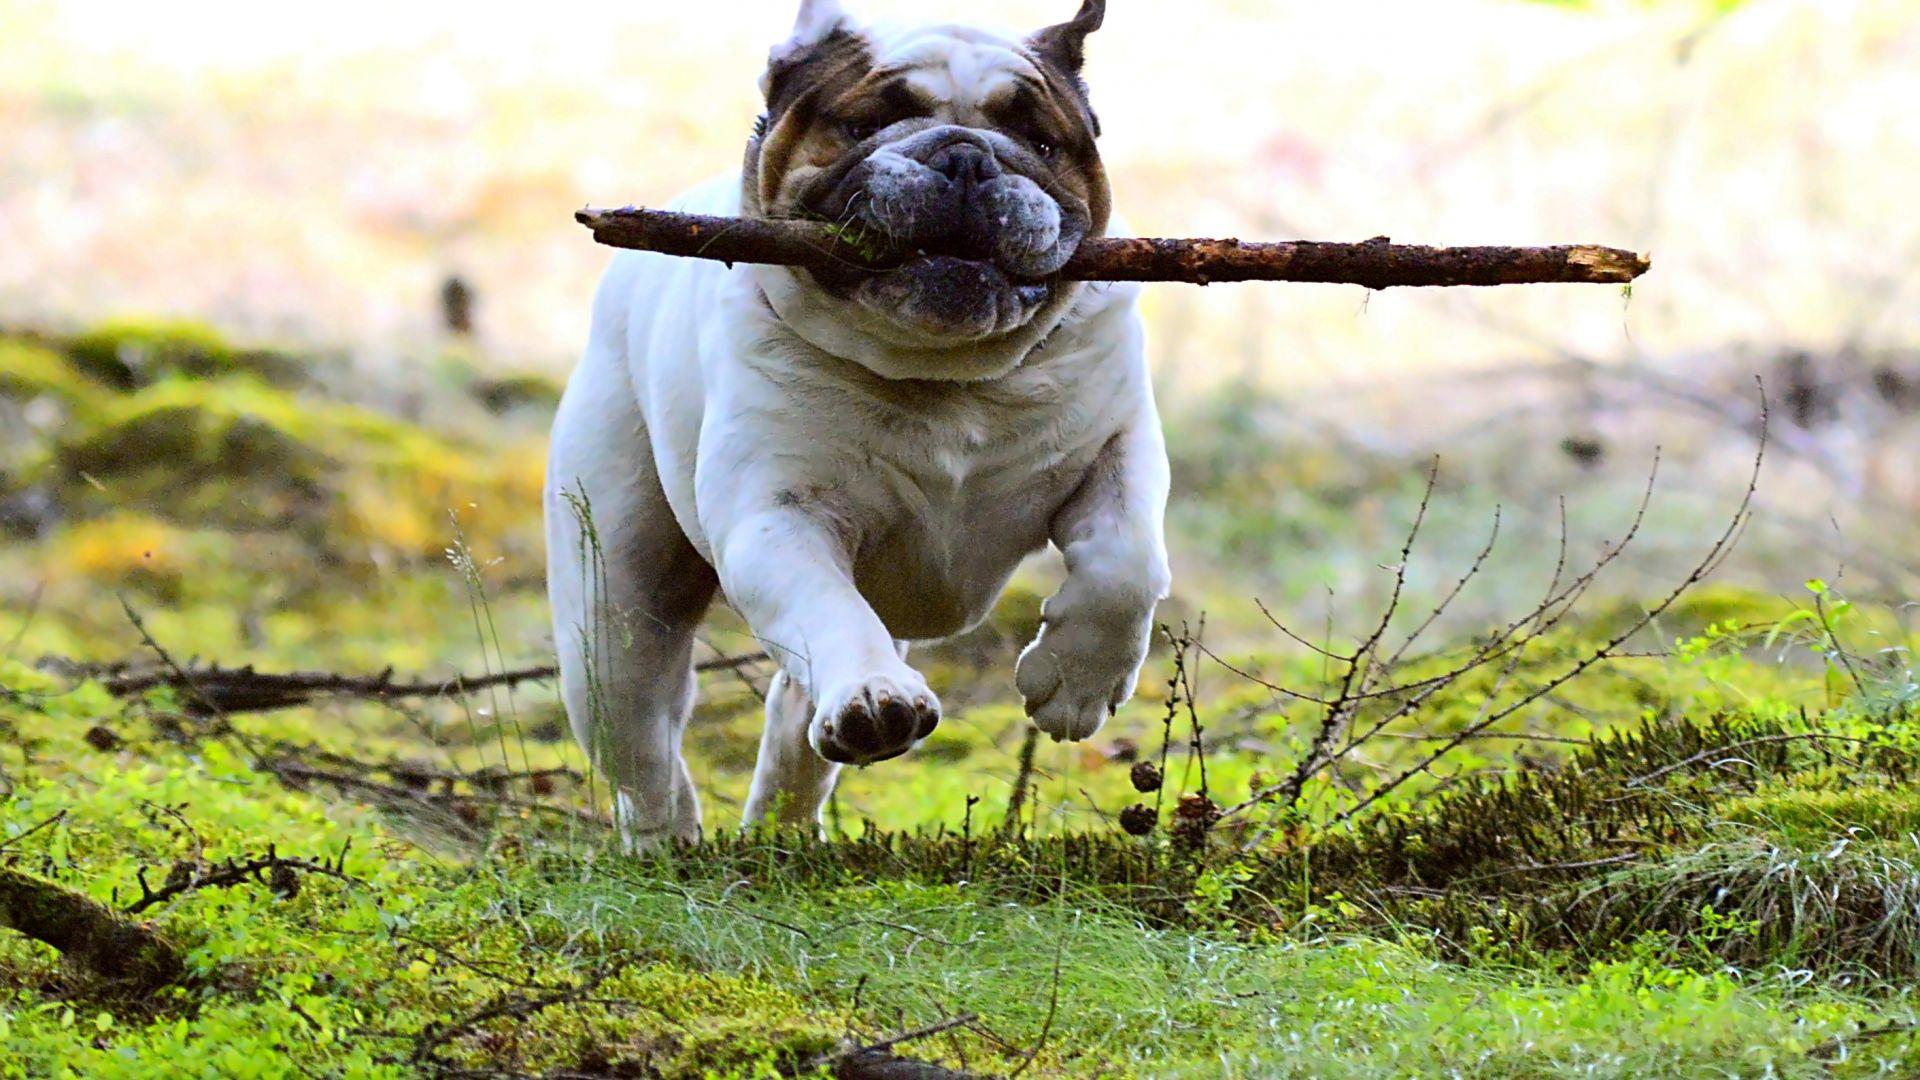 Wallpaper Dog, pet bulldog, run, play